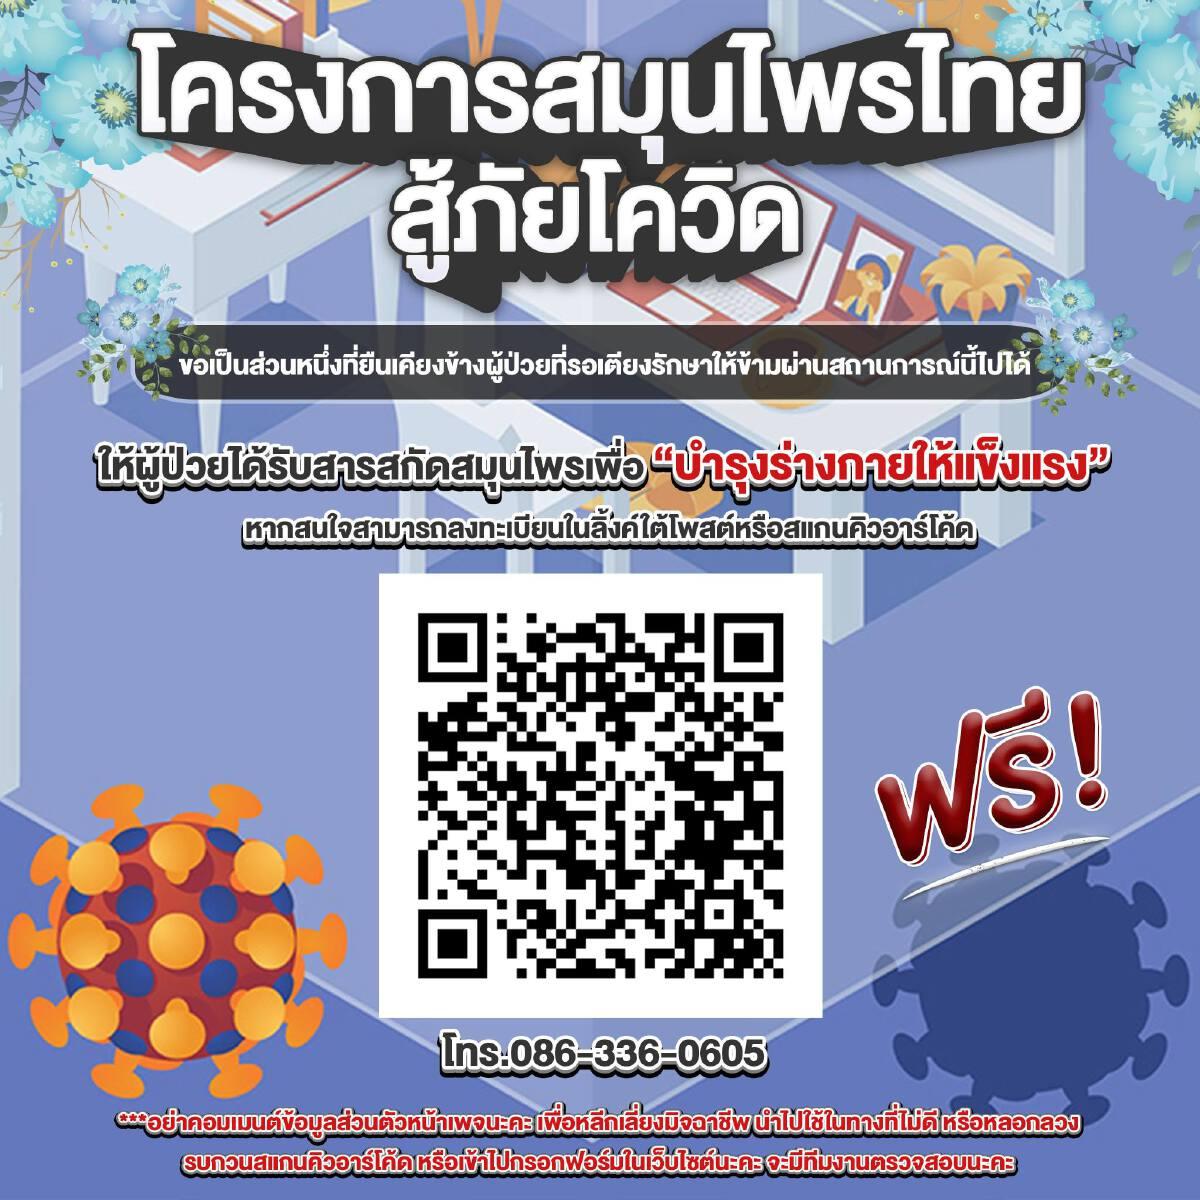 โครงการสมุนไพรไทย สู้ภัยโควิด